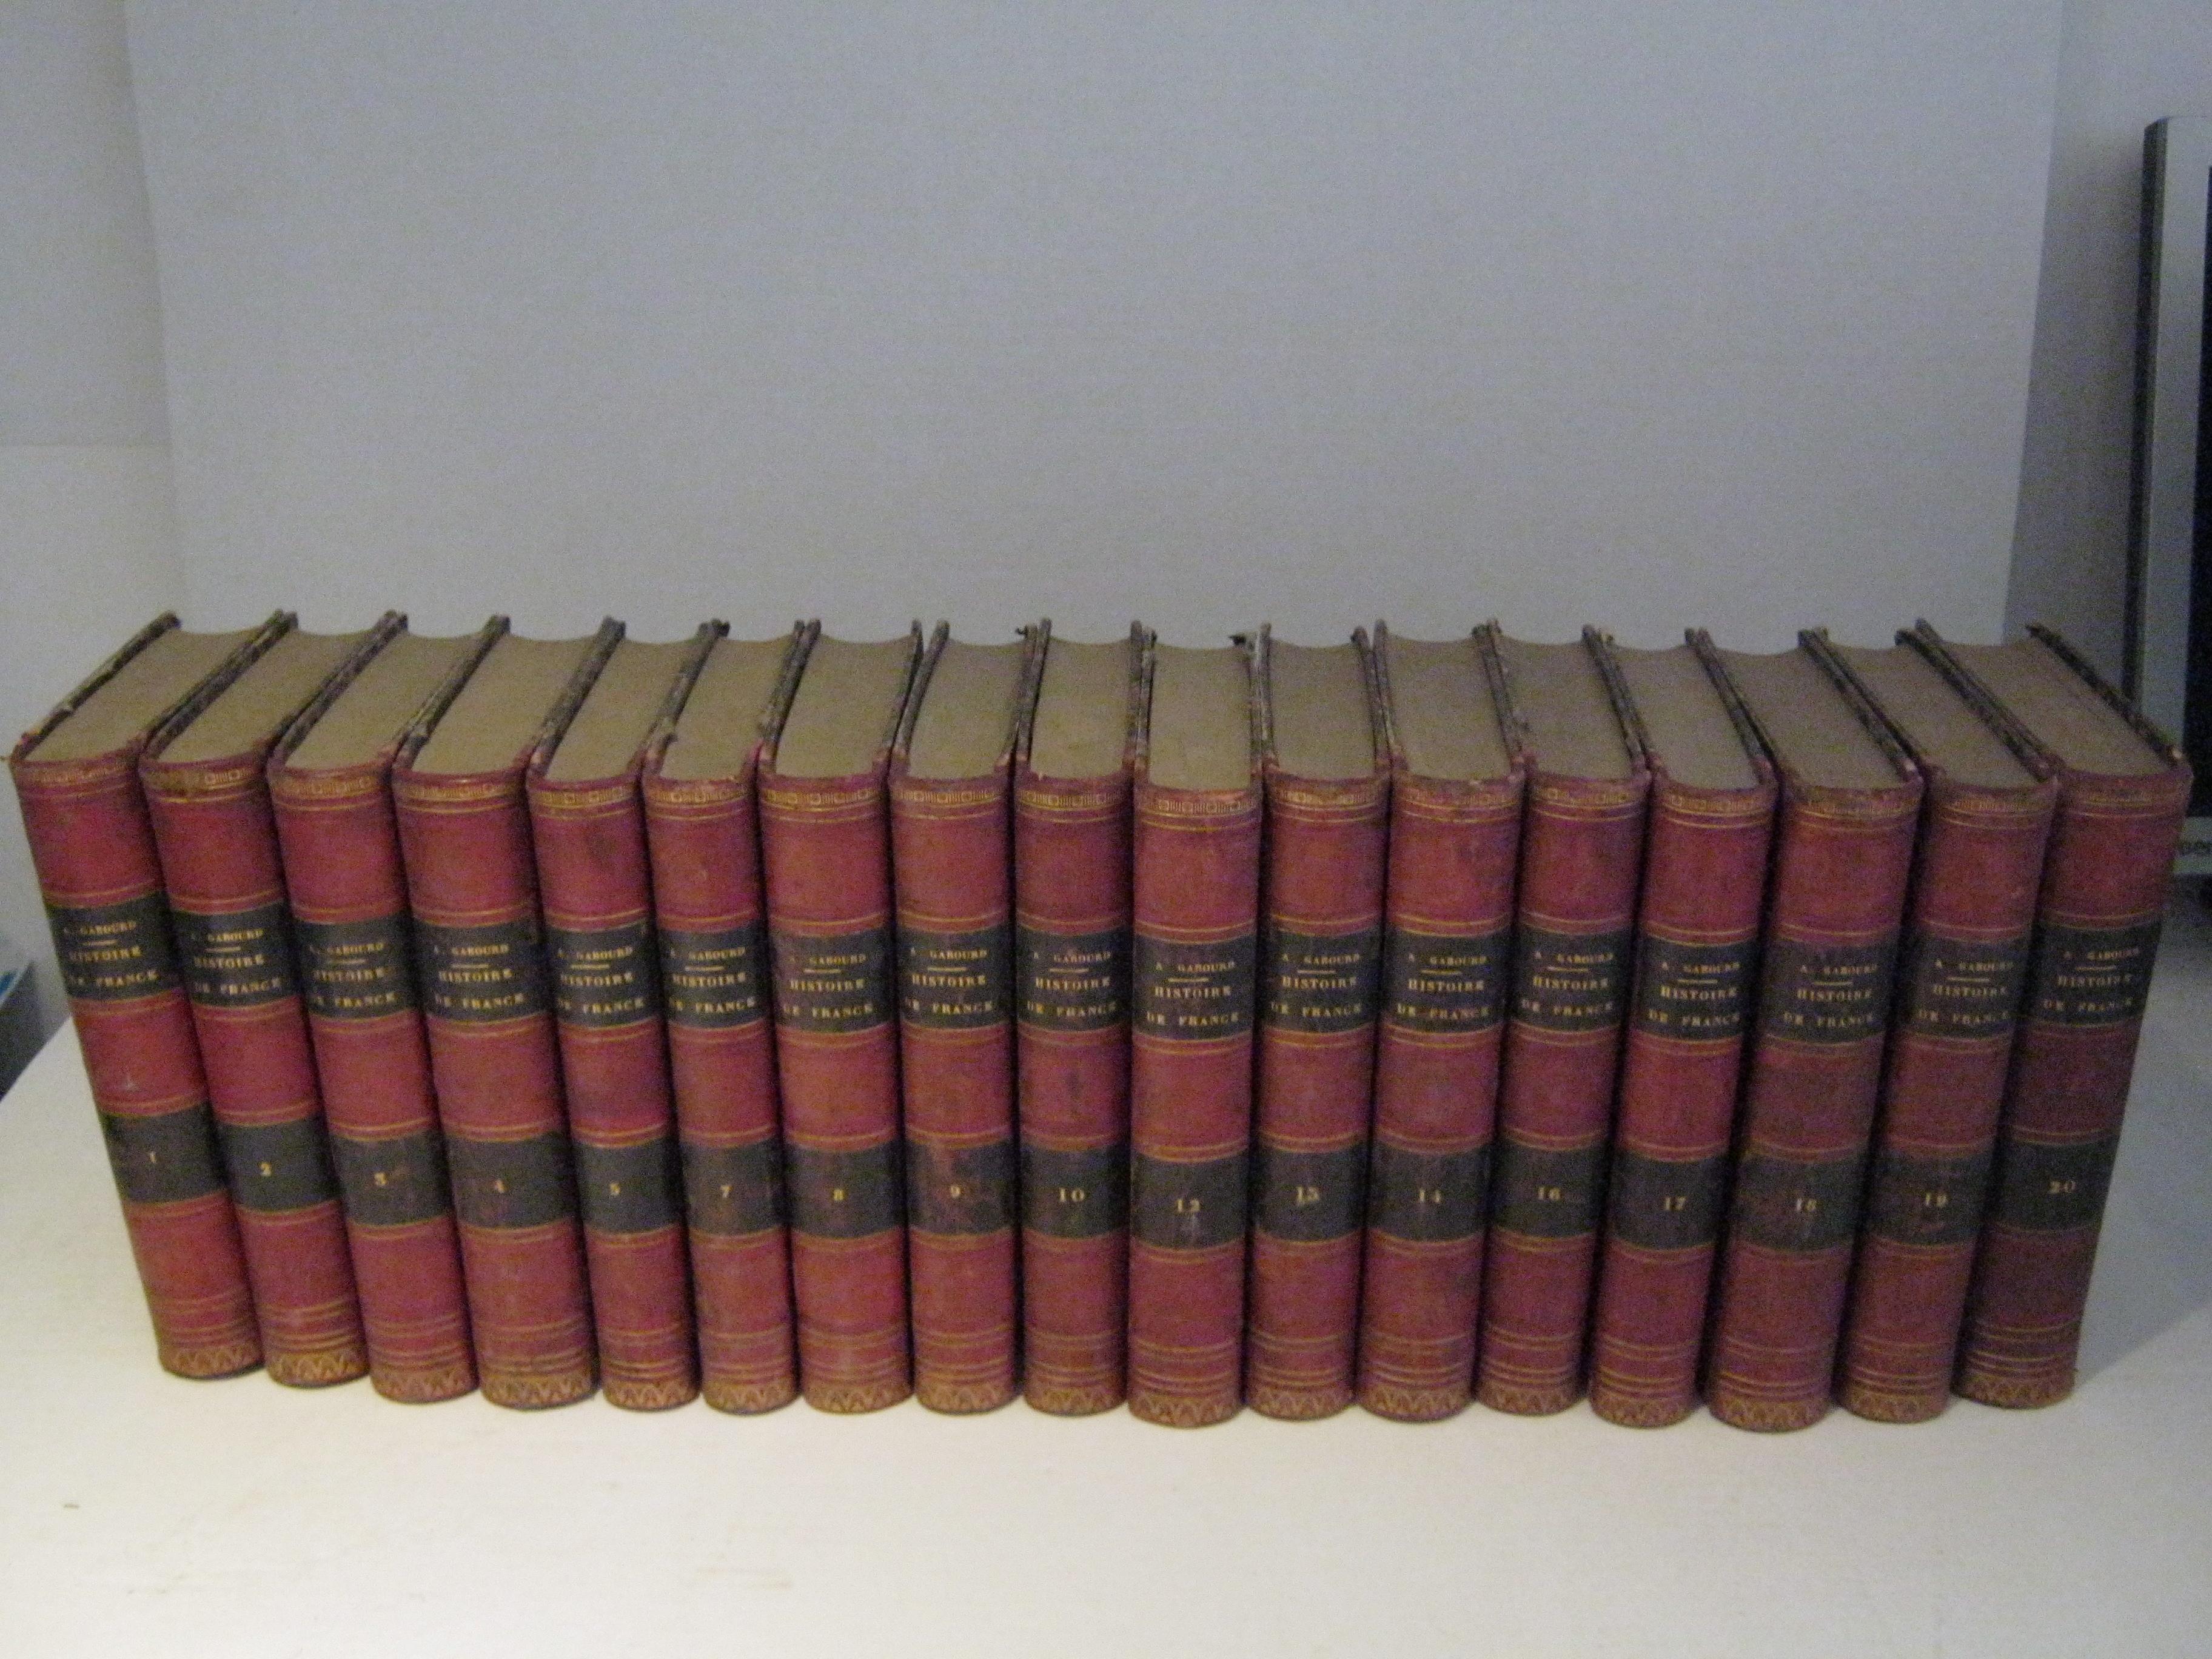 HISTOIRE DE FRANCE DEPUIS LES ORIGINES GAULOISES JUSQU'A NOS JOURS. 18 TOMES (INCOMPLET, MANQUE LES TOMES 11 ET 15).